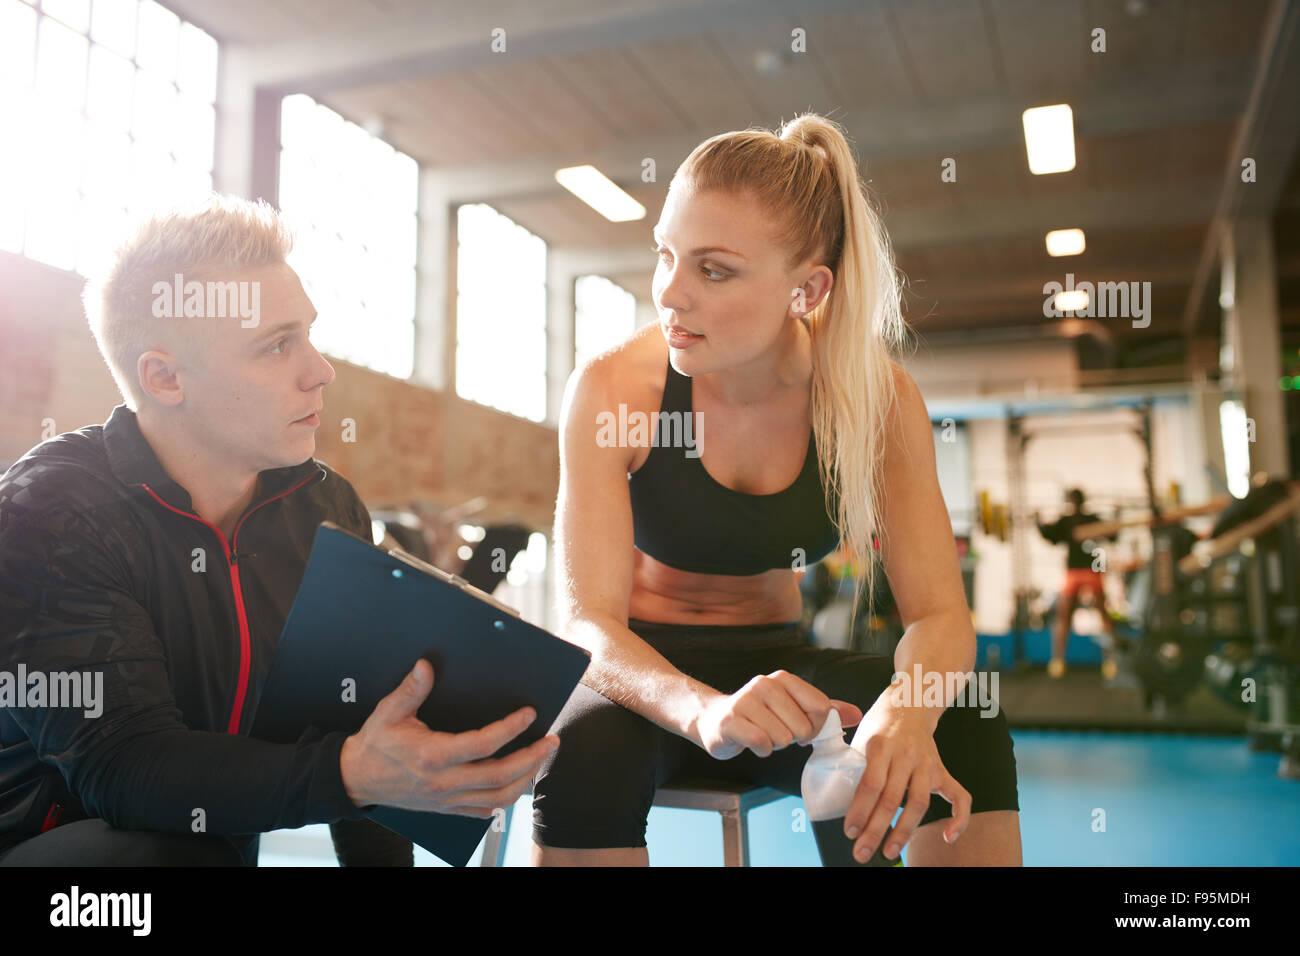 Vue d'un entraîneur personnel et jeune femme discuter du plan de remise en forme. Entraîneur personnel Photo Stock